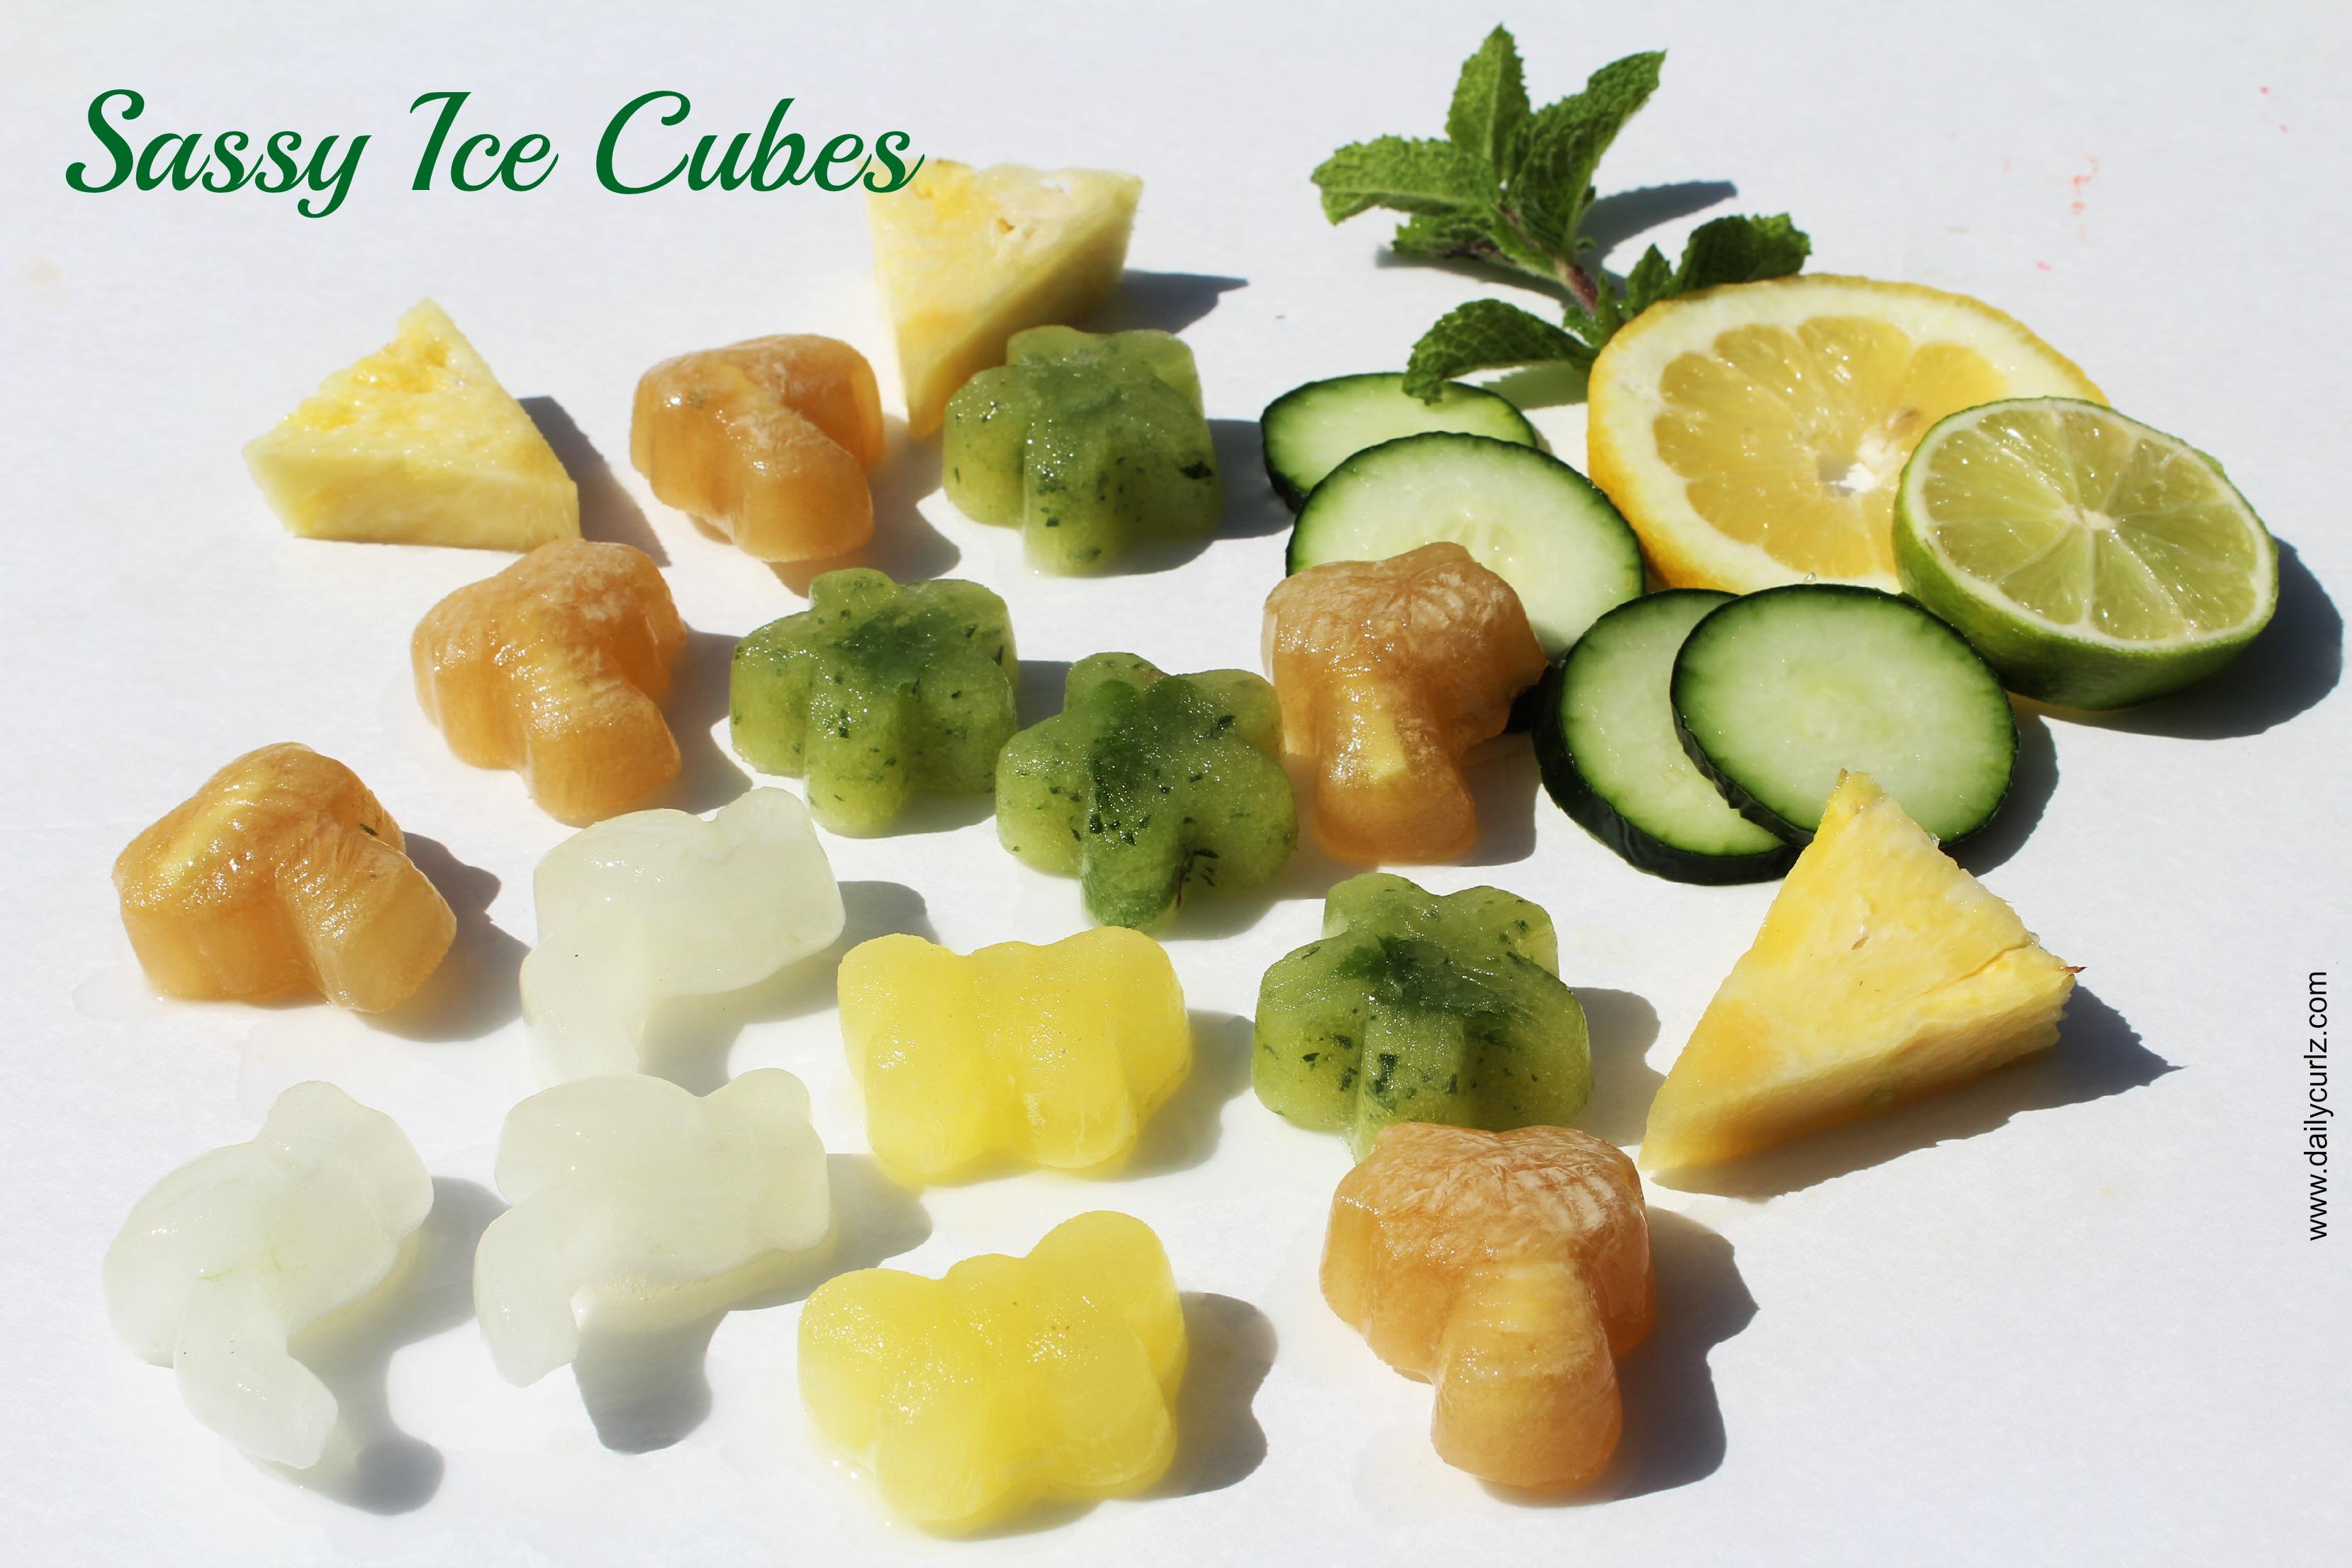 Sassy Ice cubes / Cubitos de hielo frutales saludables